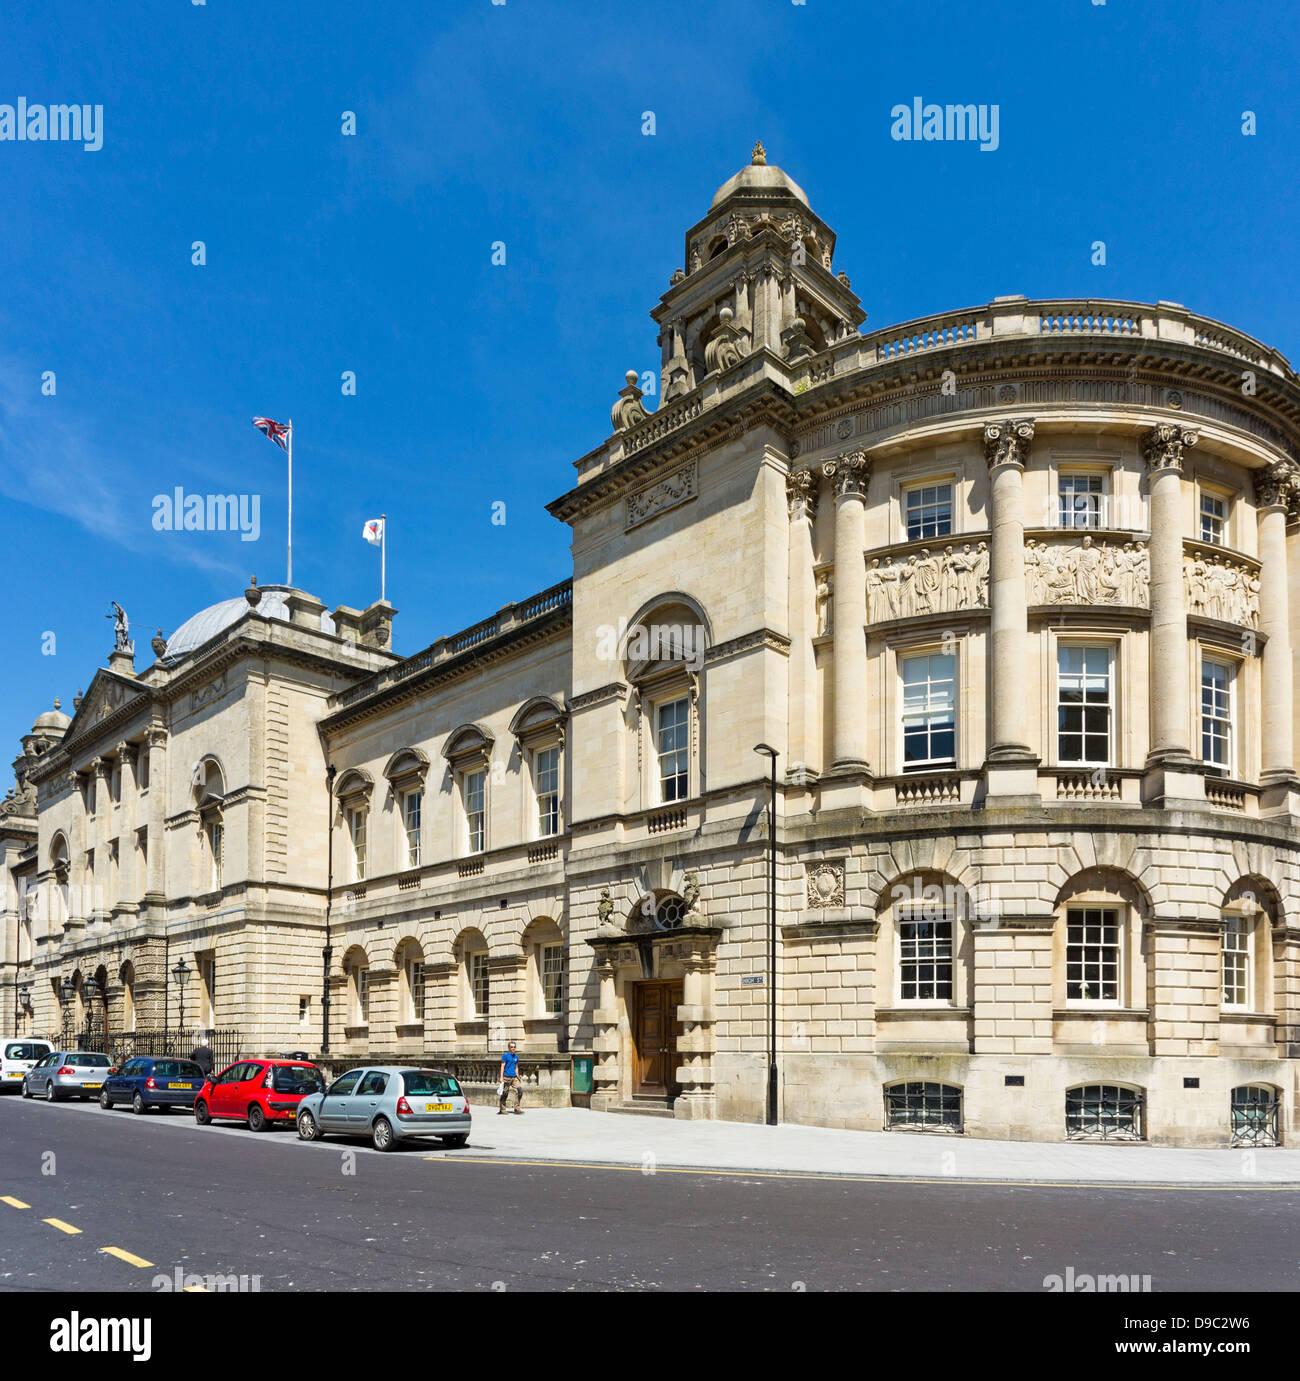 Die Guildhall in Bath, Somerset, England, Großbritannien Stockbild